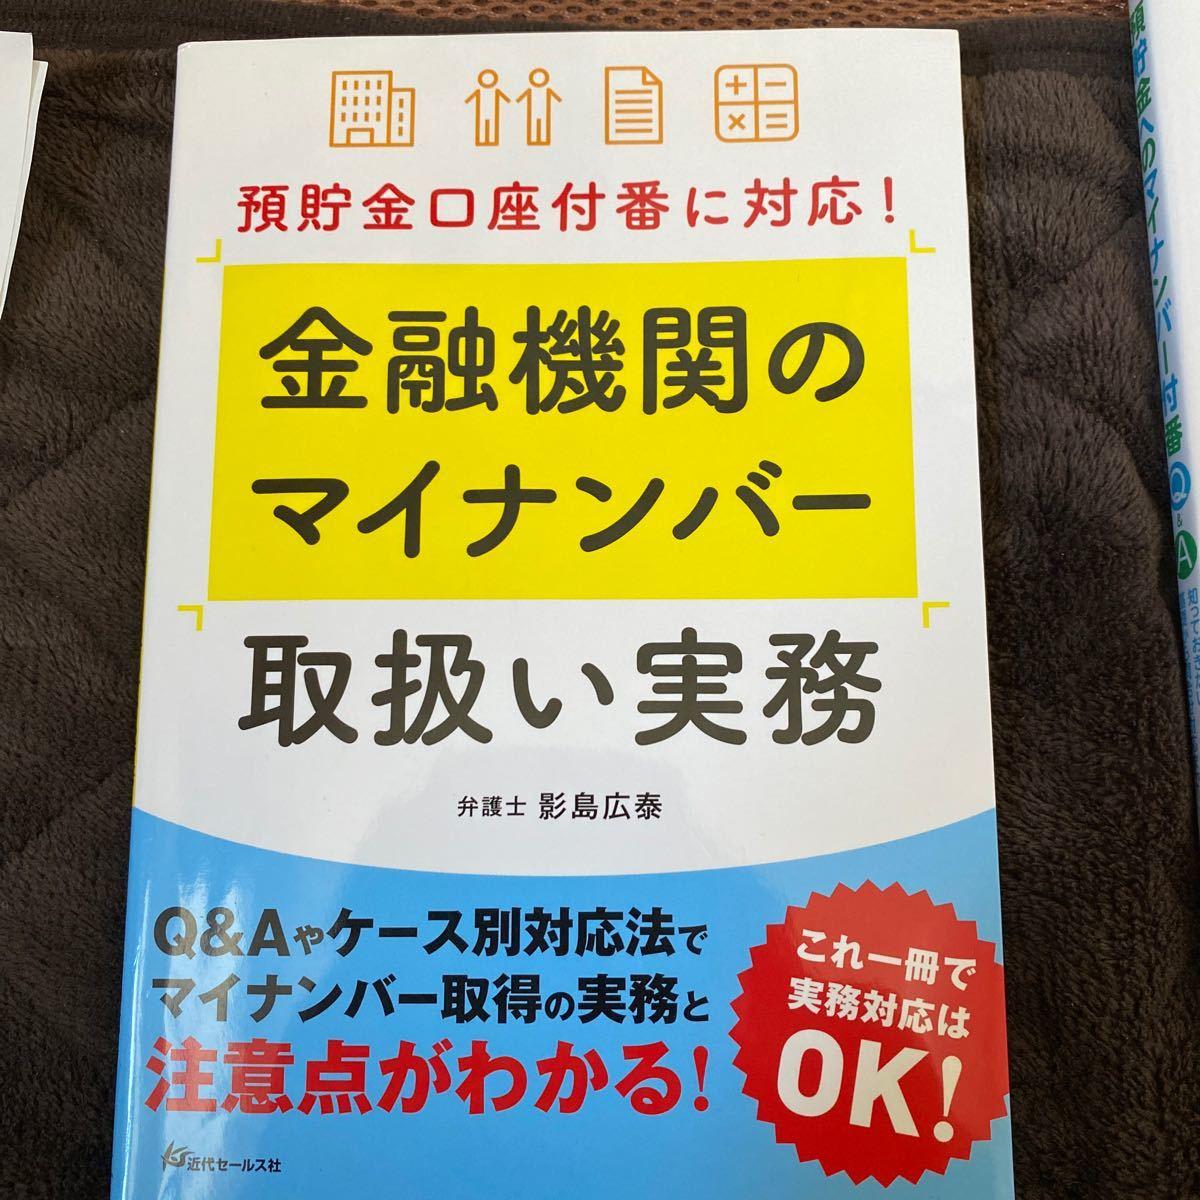 金融機関のマイナンバー取扱い実務 預貯金口座付番に対応! /影島広泰